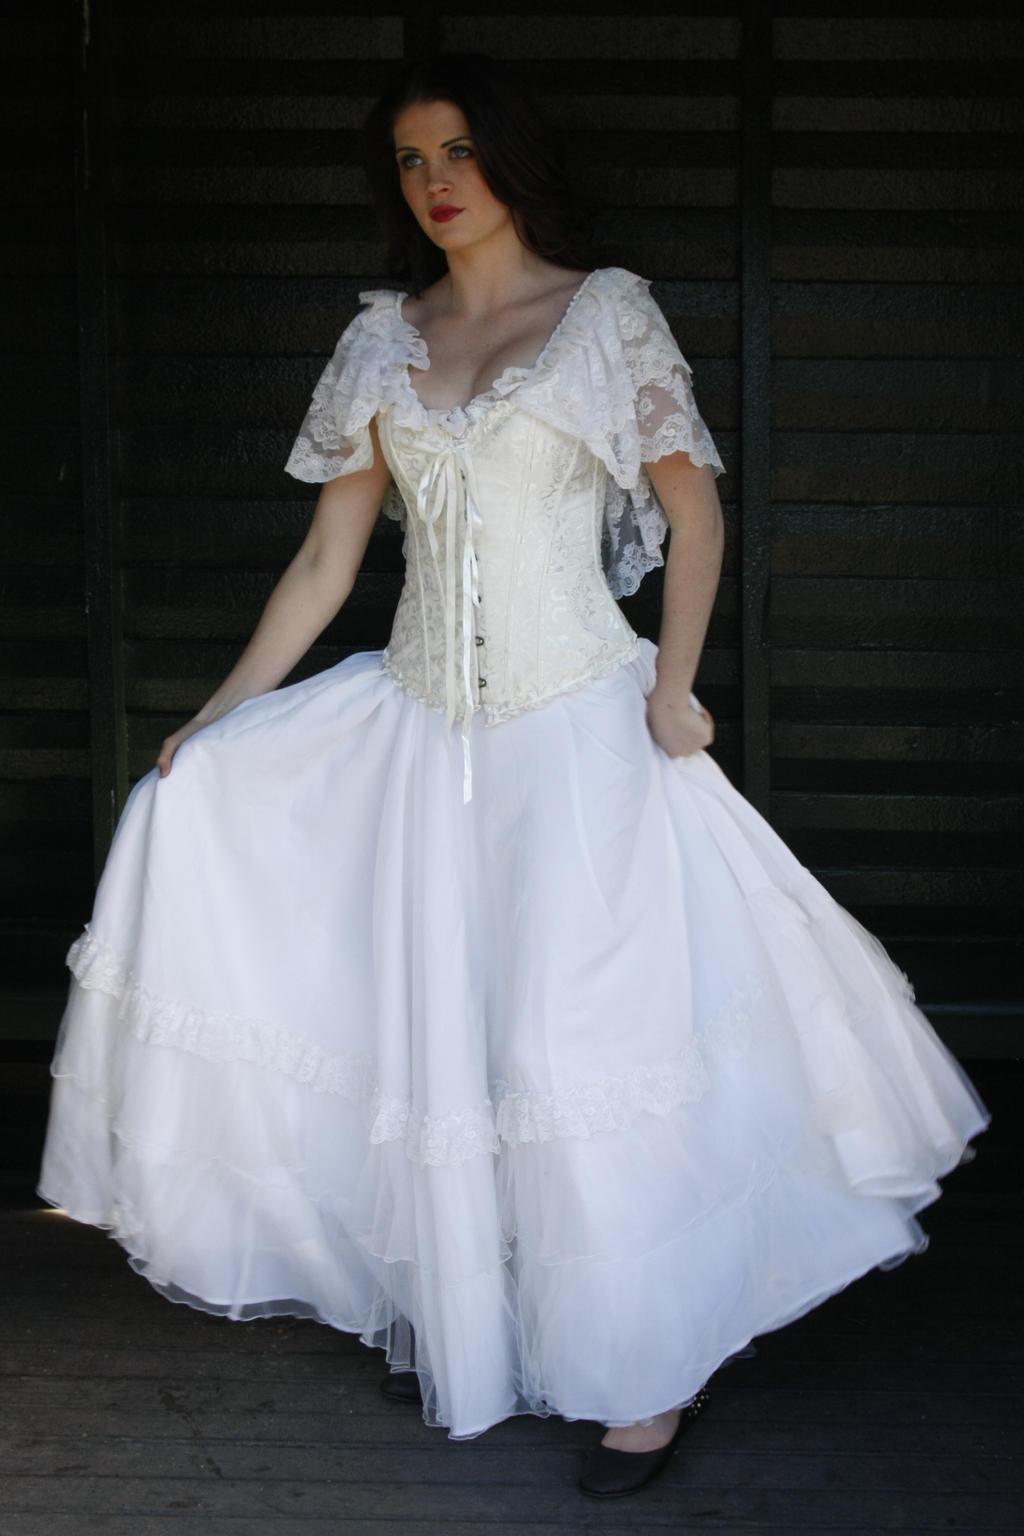 Danielle white dress 3 by CathleenTarawhiti